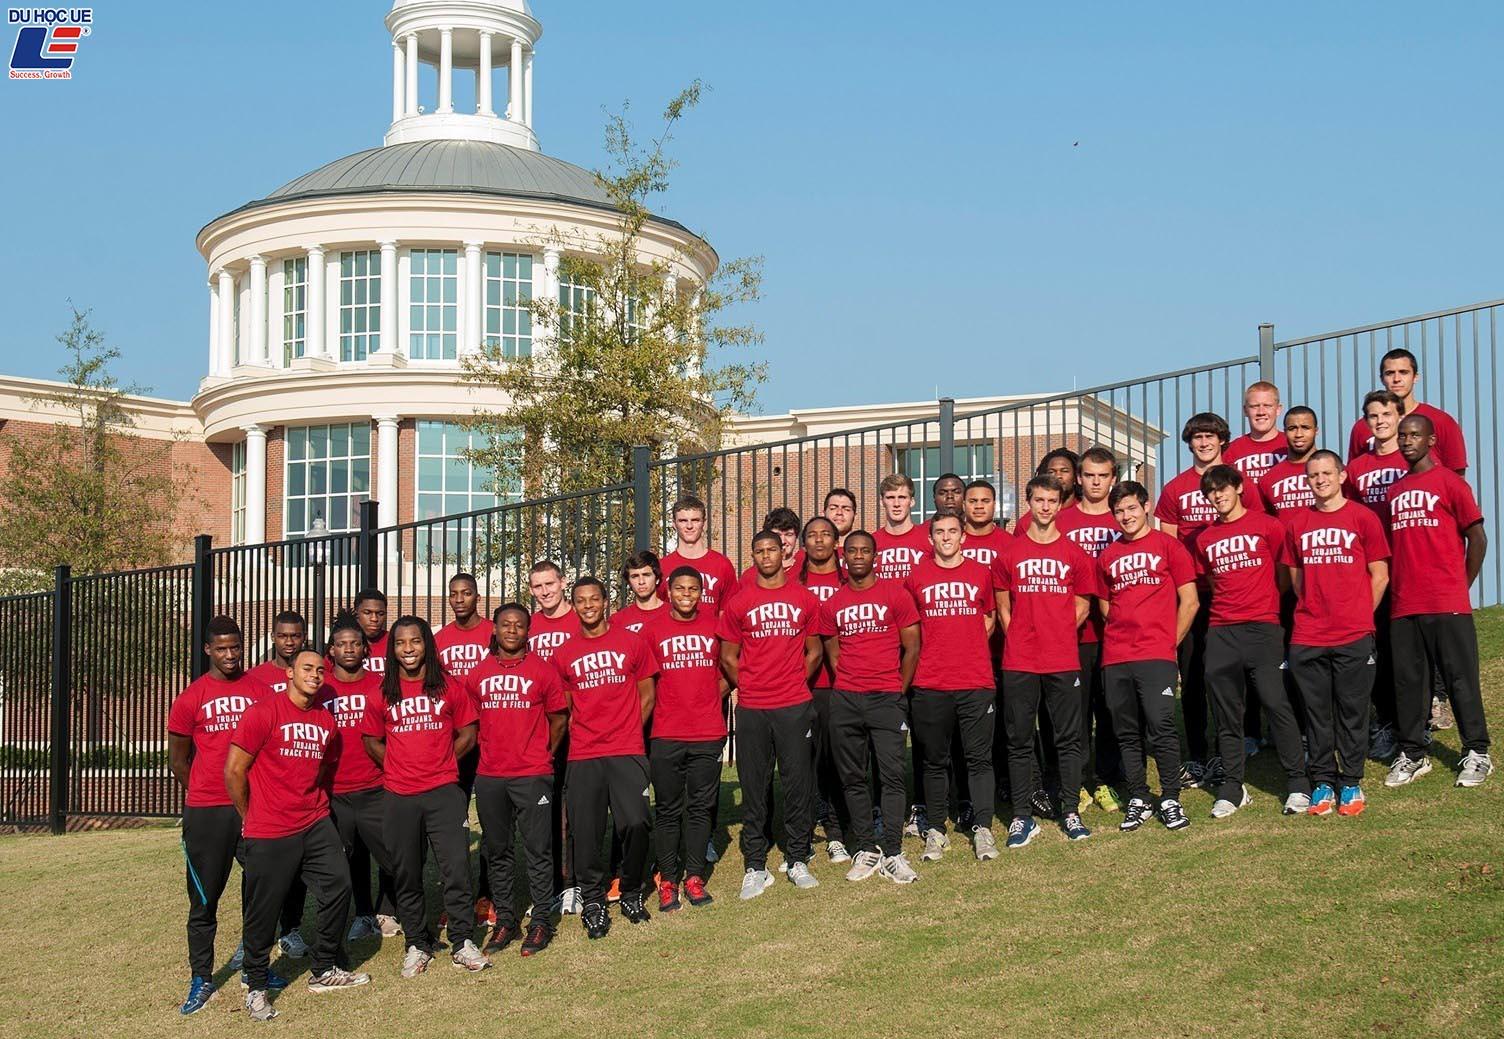 Troy University - Điểm bắt đầu của hành trình chạm đến ước mơ 5